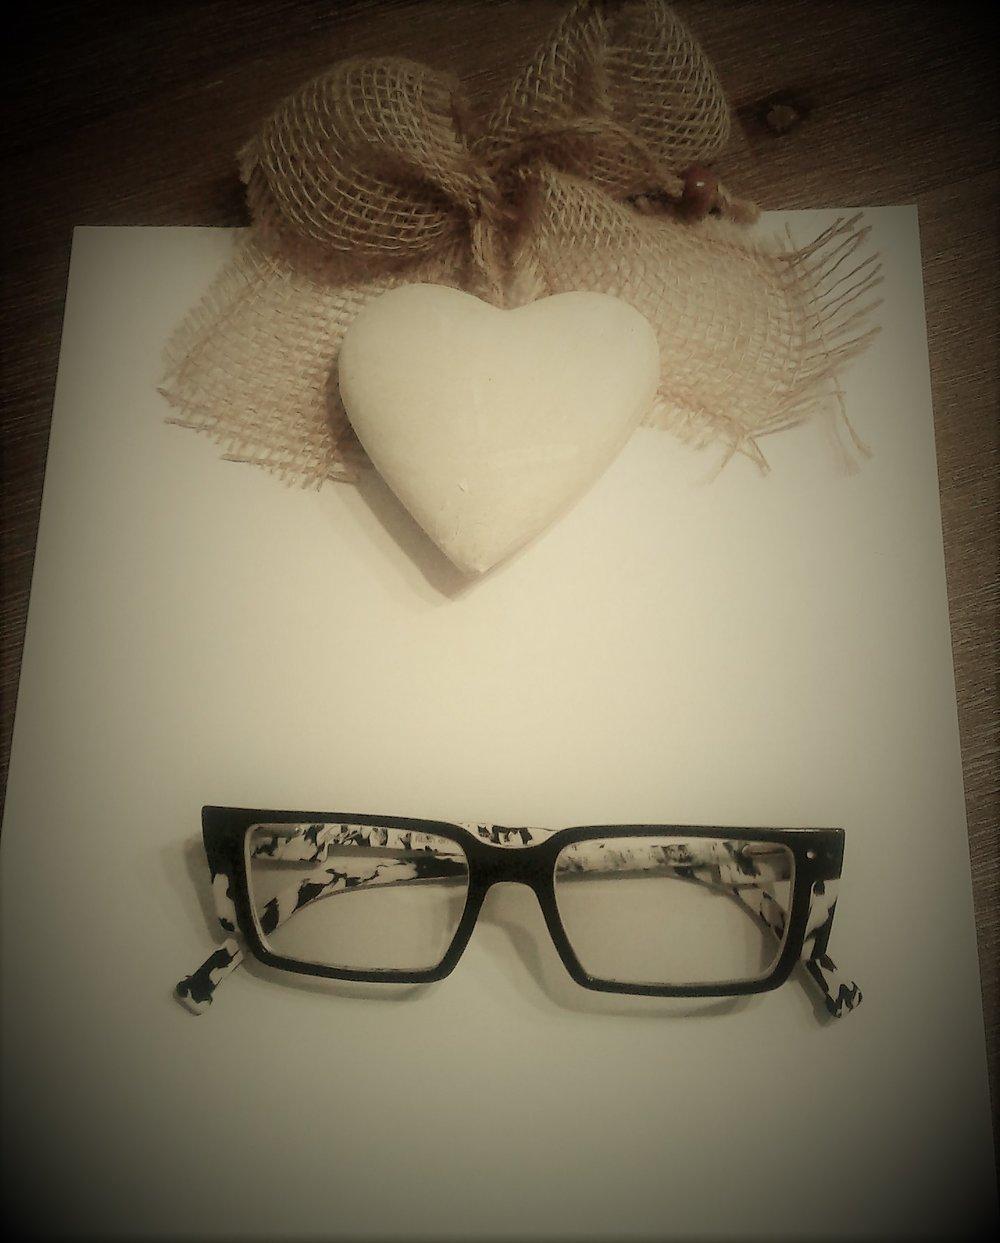 lunette6.jpg